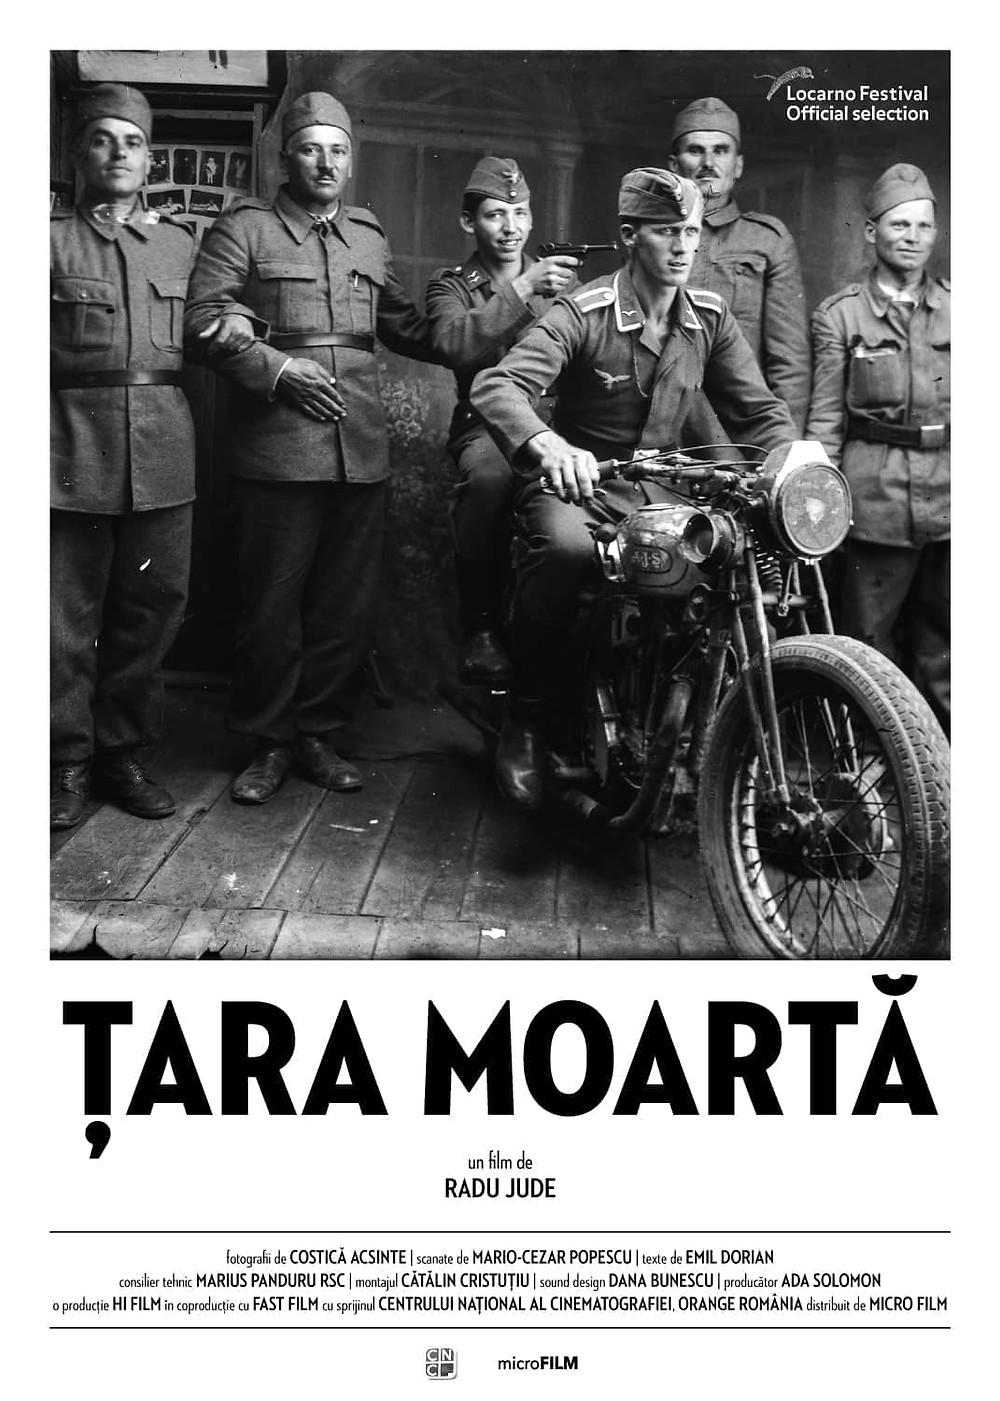 recenzie film romanesc Tara moarta, Radu Jude